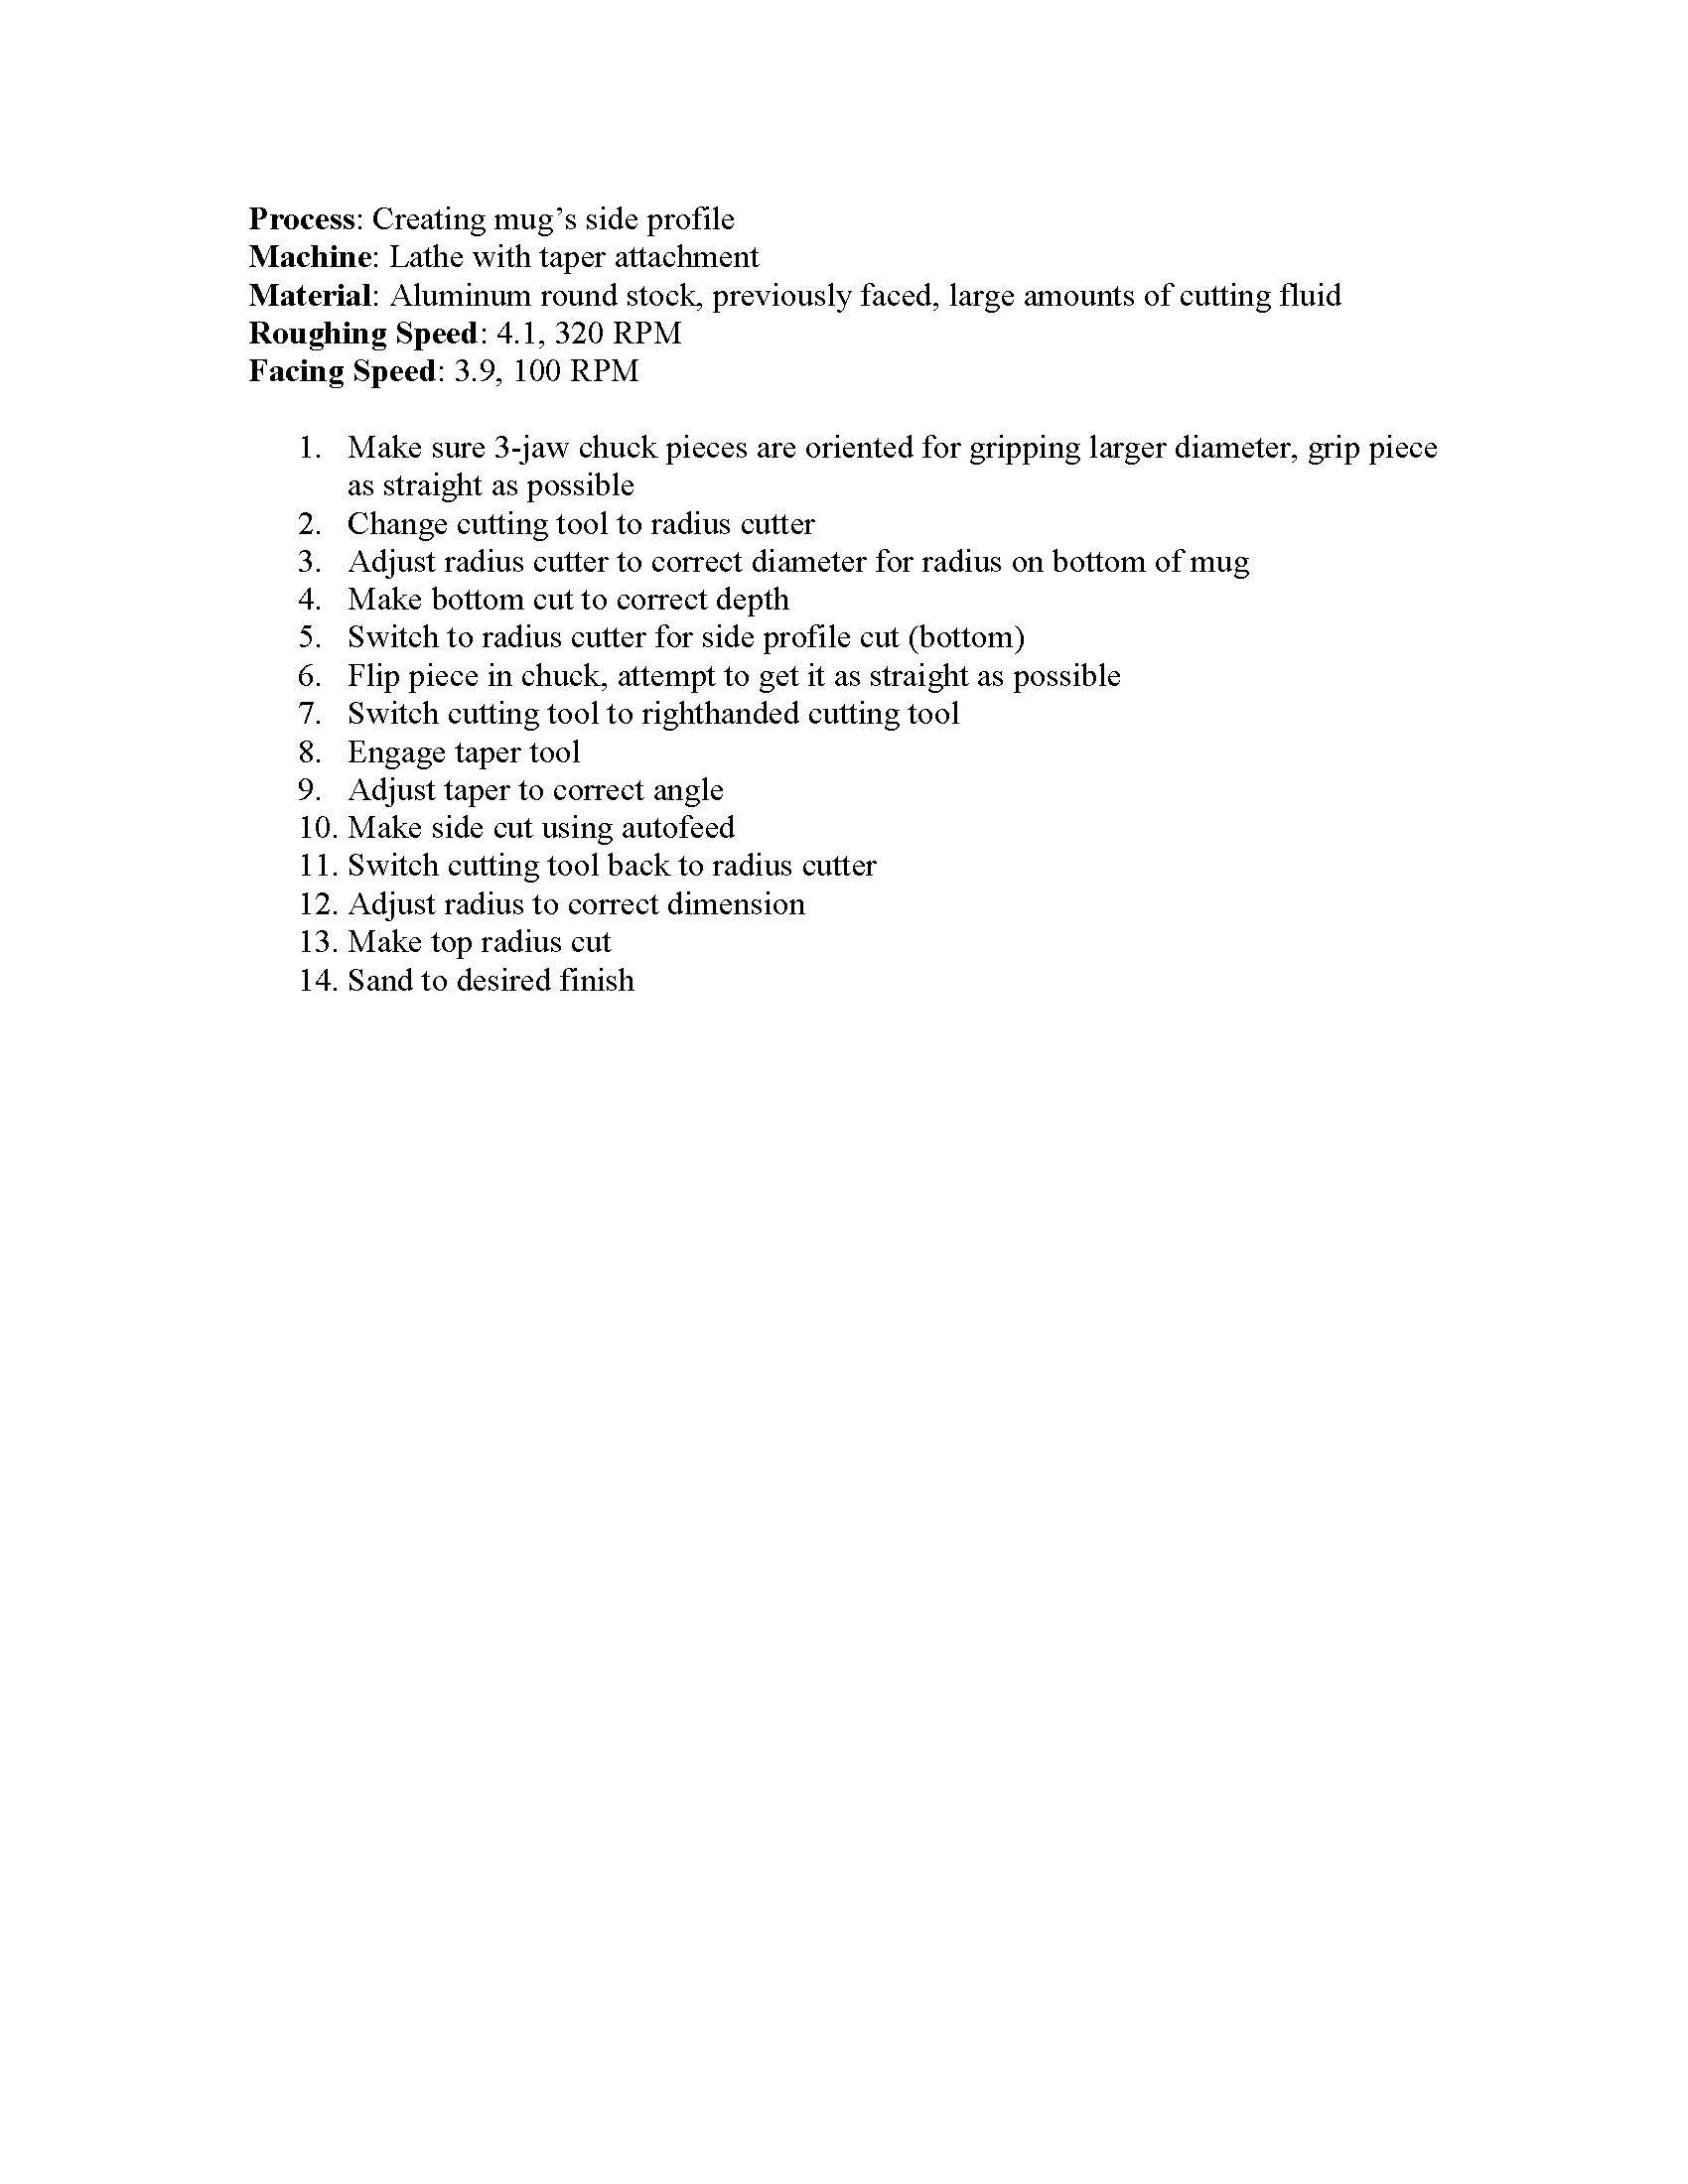 ManufacturingPlan_Page_2.jpg